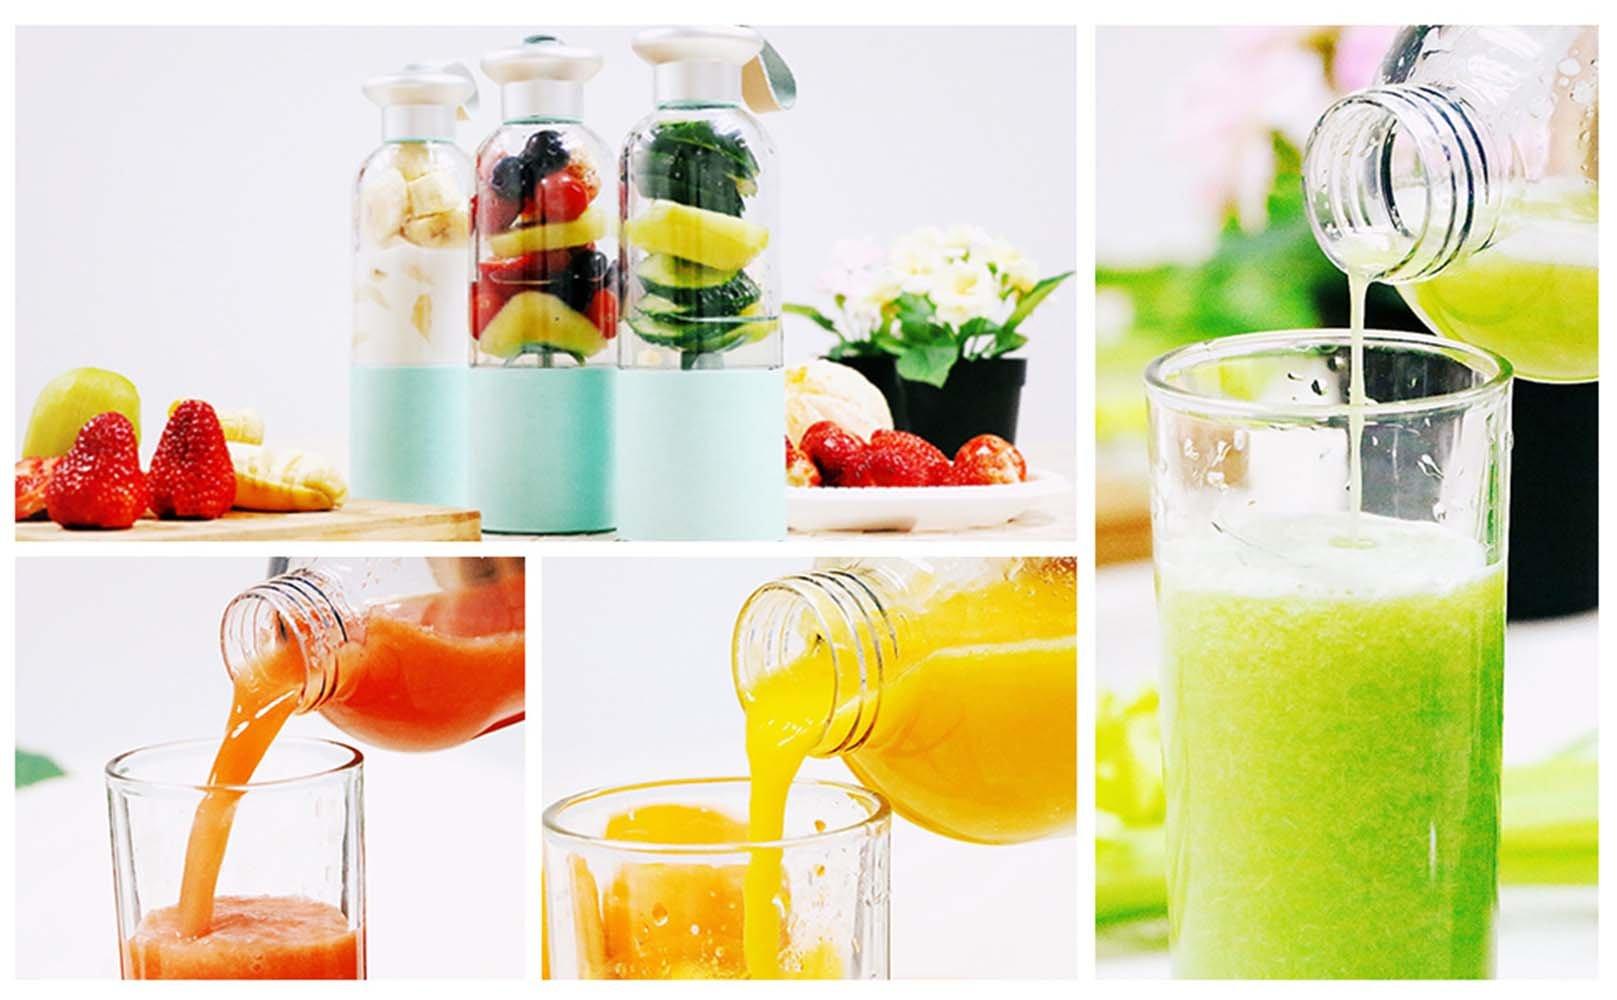 قدرة خلاط IMU على تحضير أفضل انواع العصير المختلفة